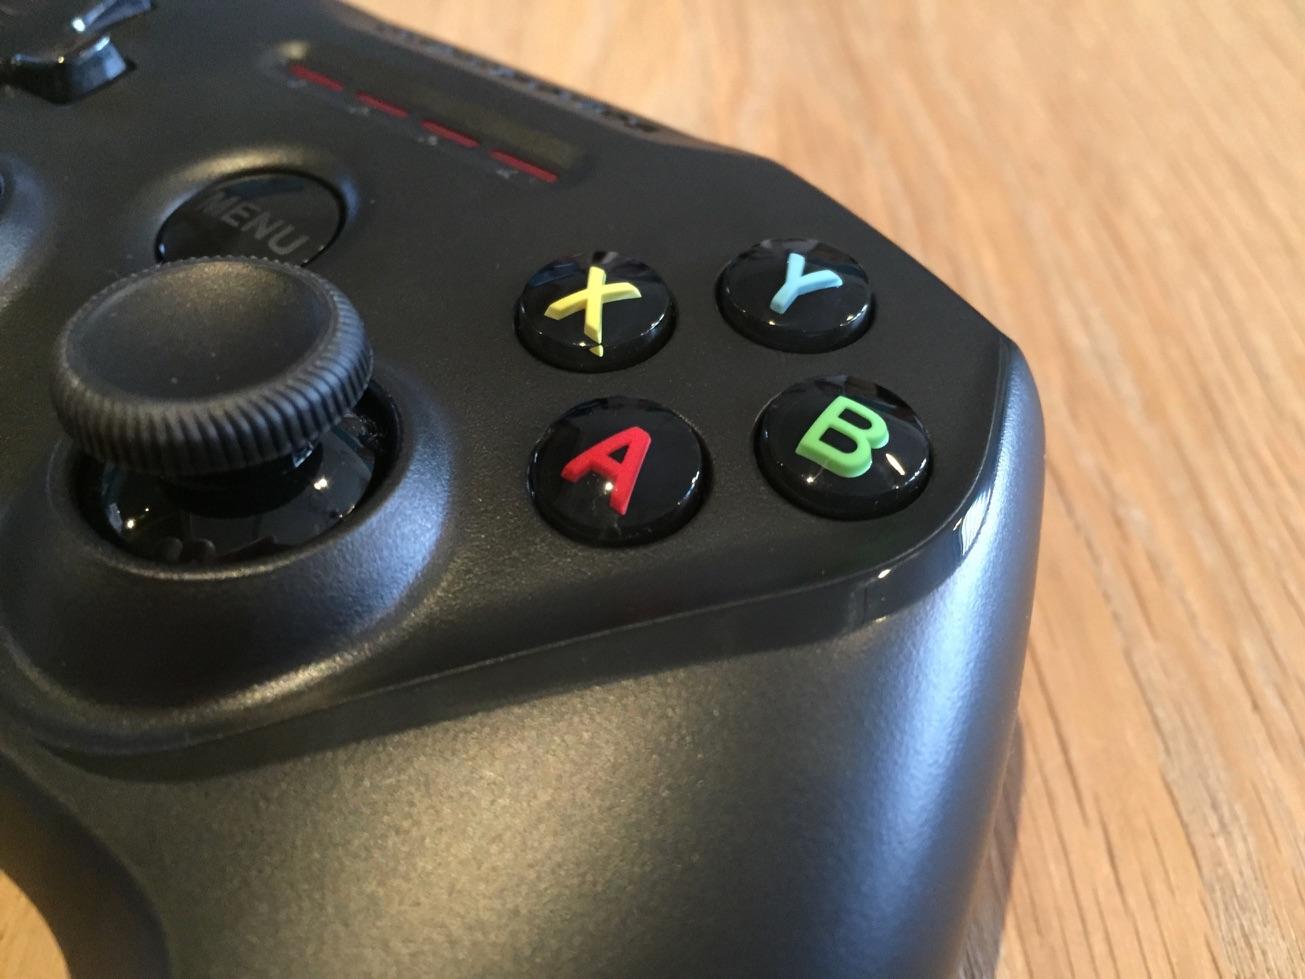 SteelSeries Nimbus draadloze controller met actieknoppen.